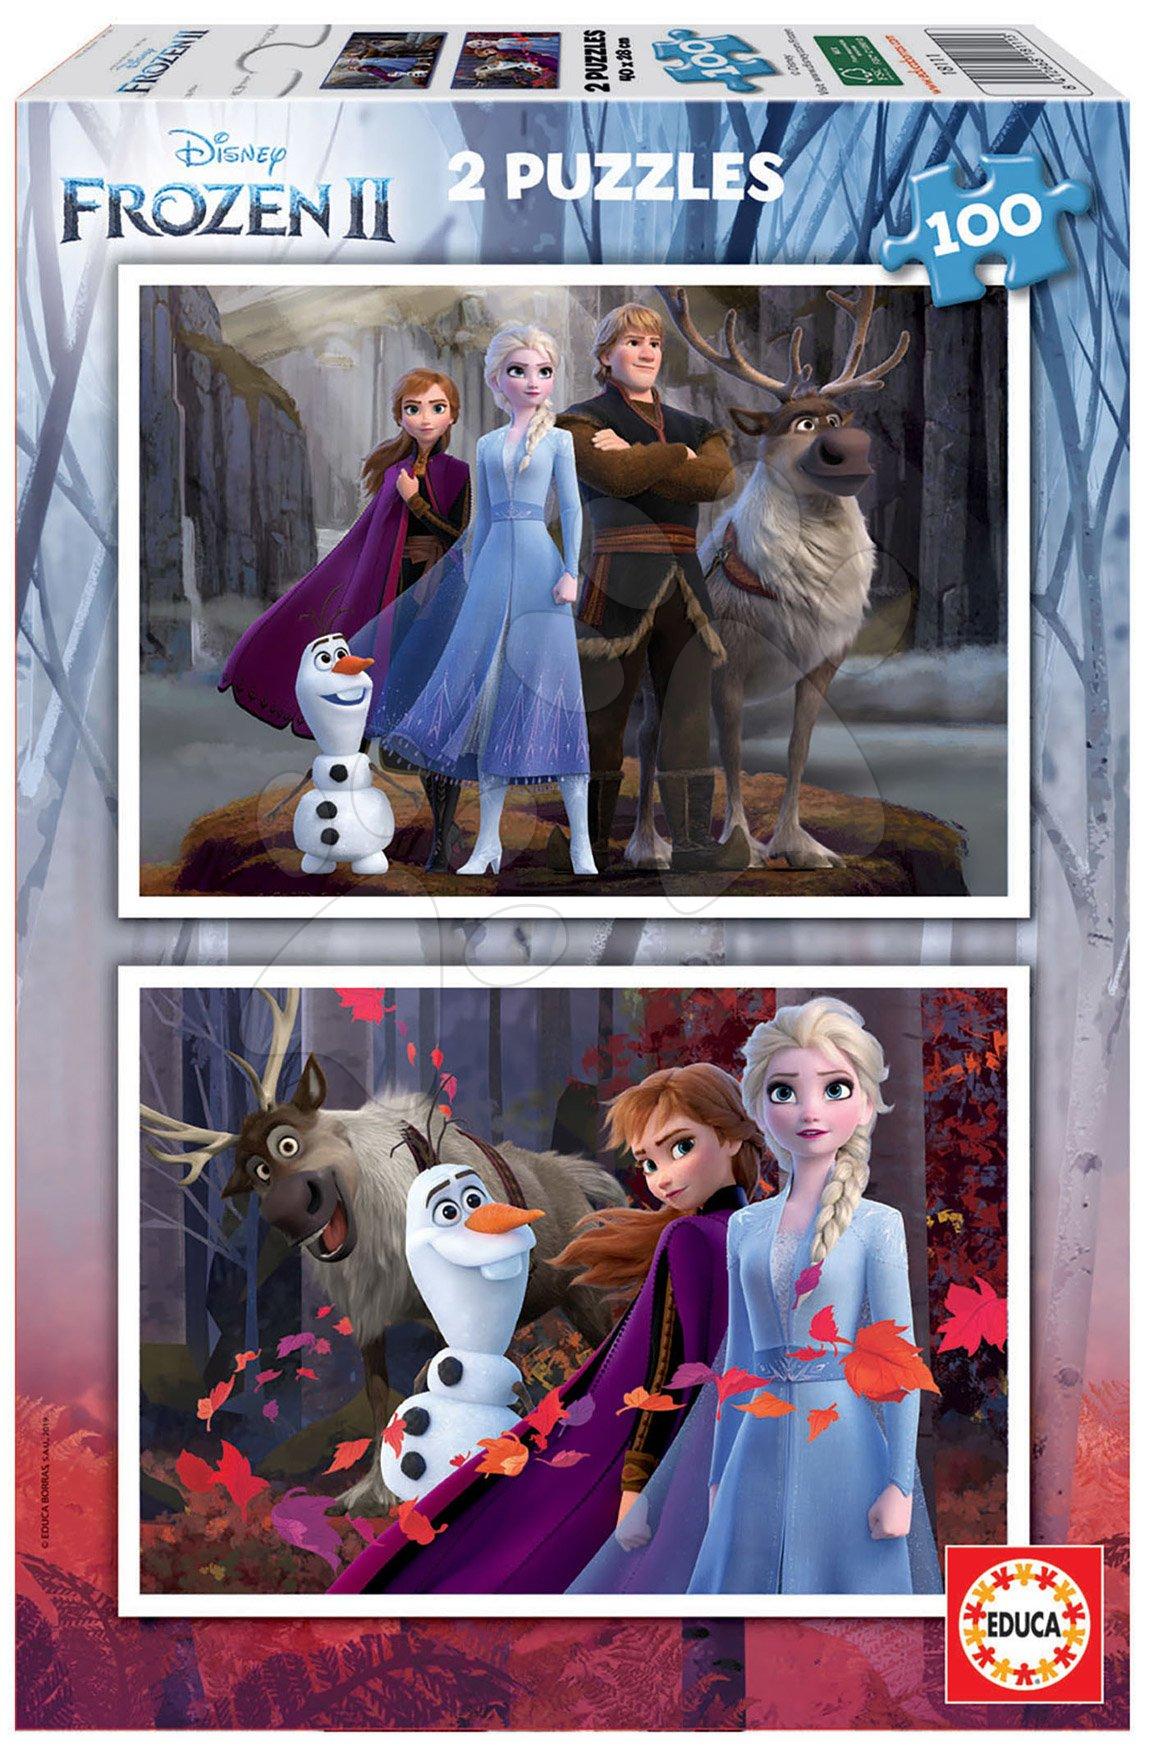 Puzzle Frozen 2 Disney Educa 2 x 100 dílků od 6 let